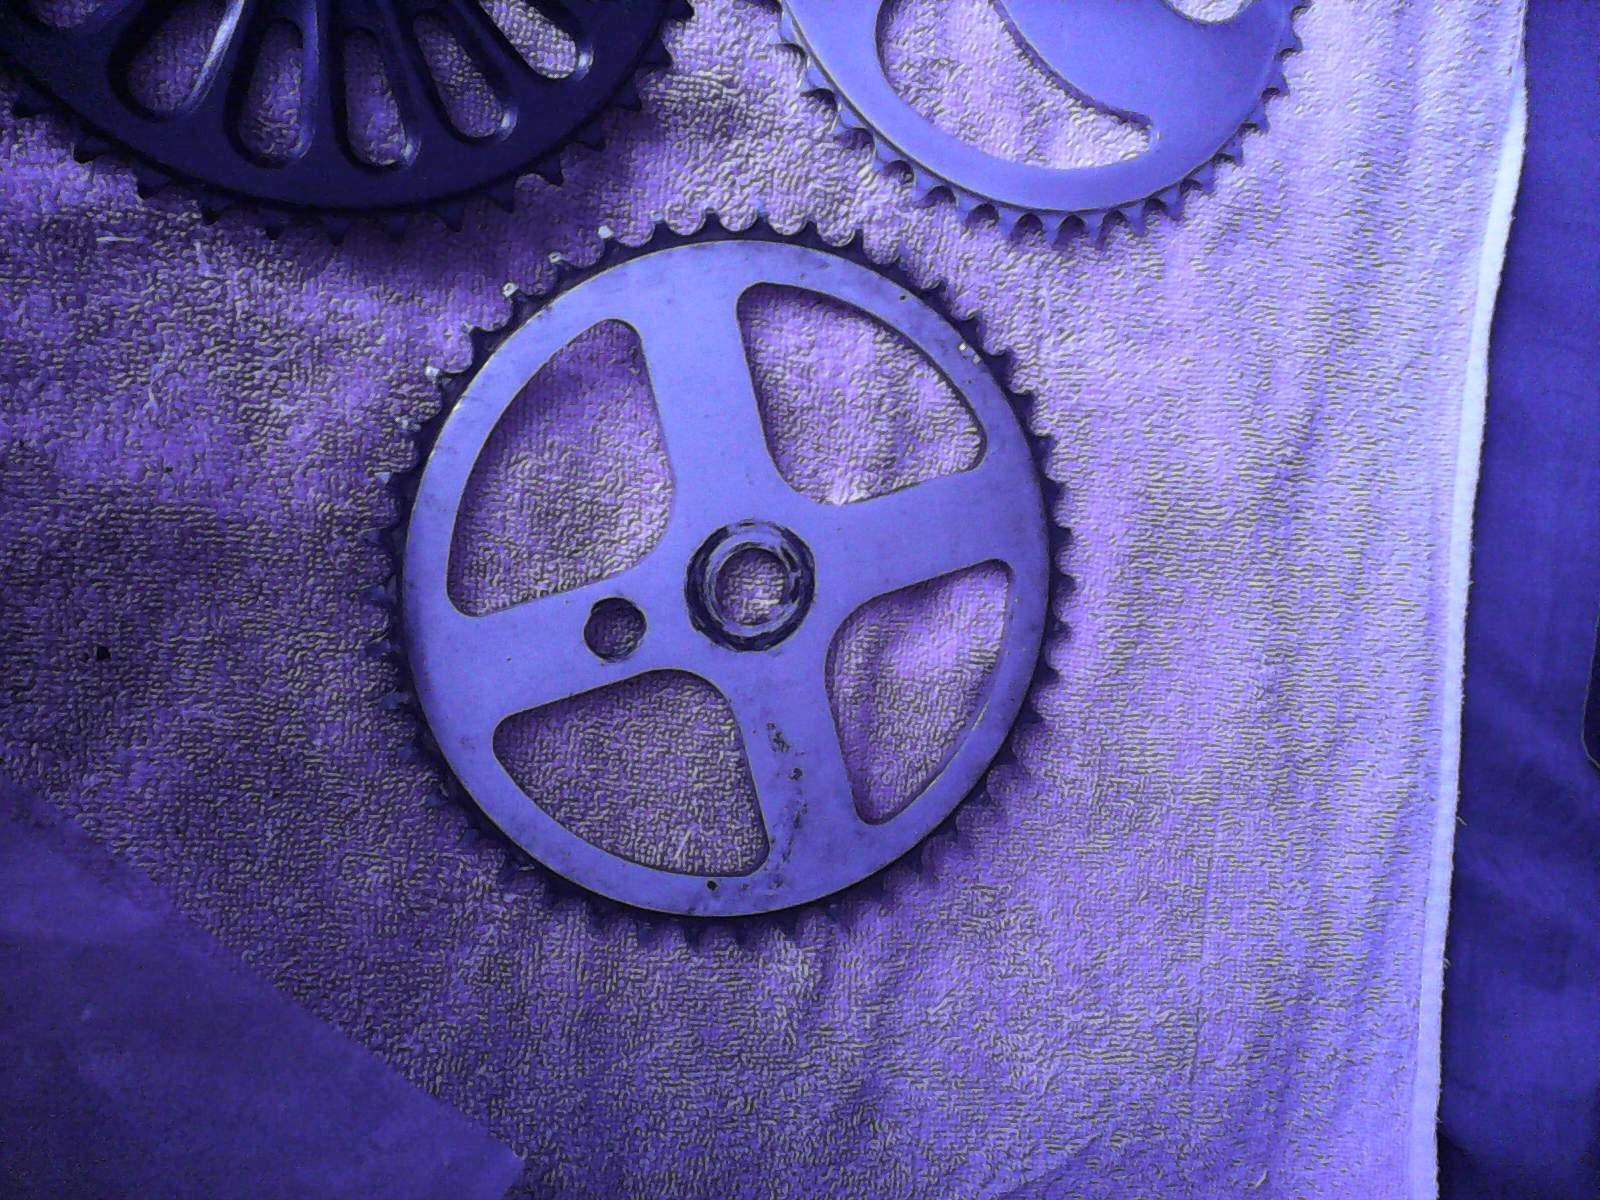 http://uploads.bmxmuseum.com/user-images/207648/img_20180113_1335405a5a53806b.jpg